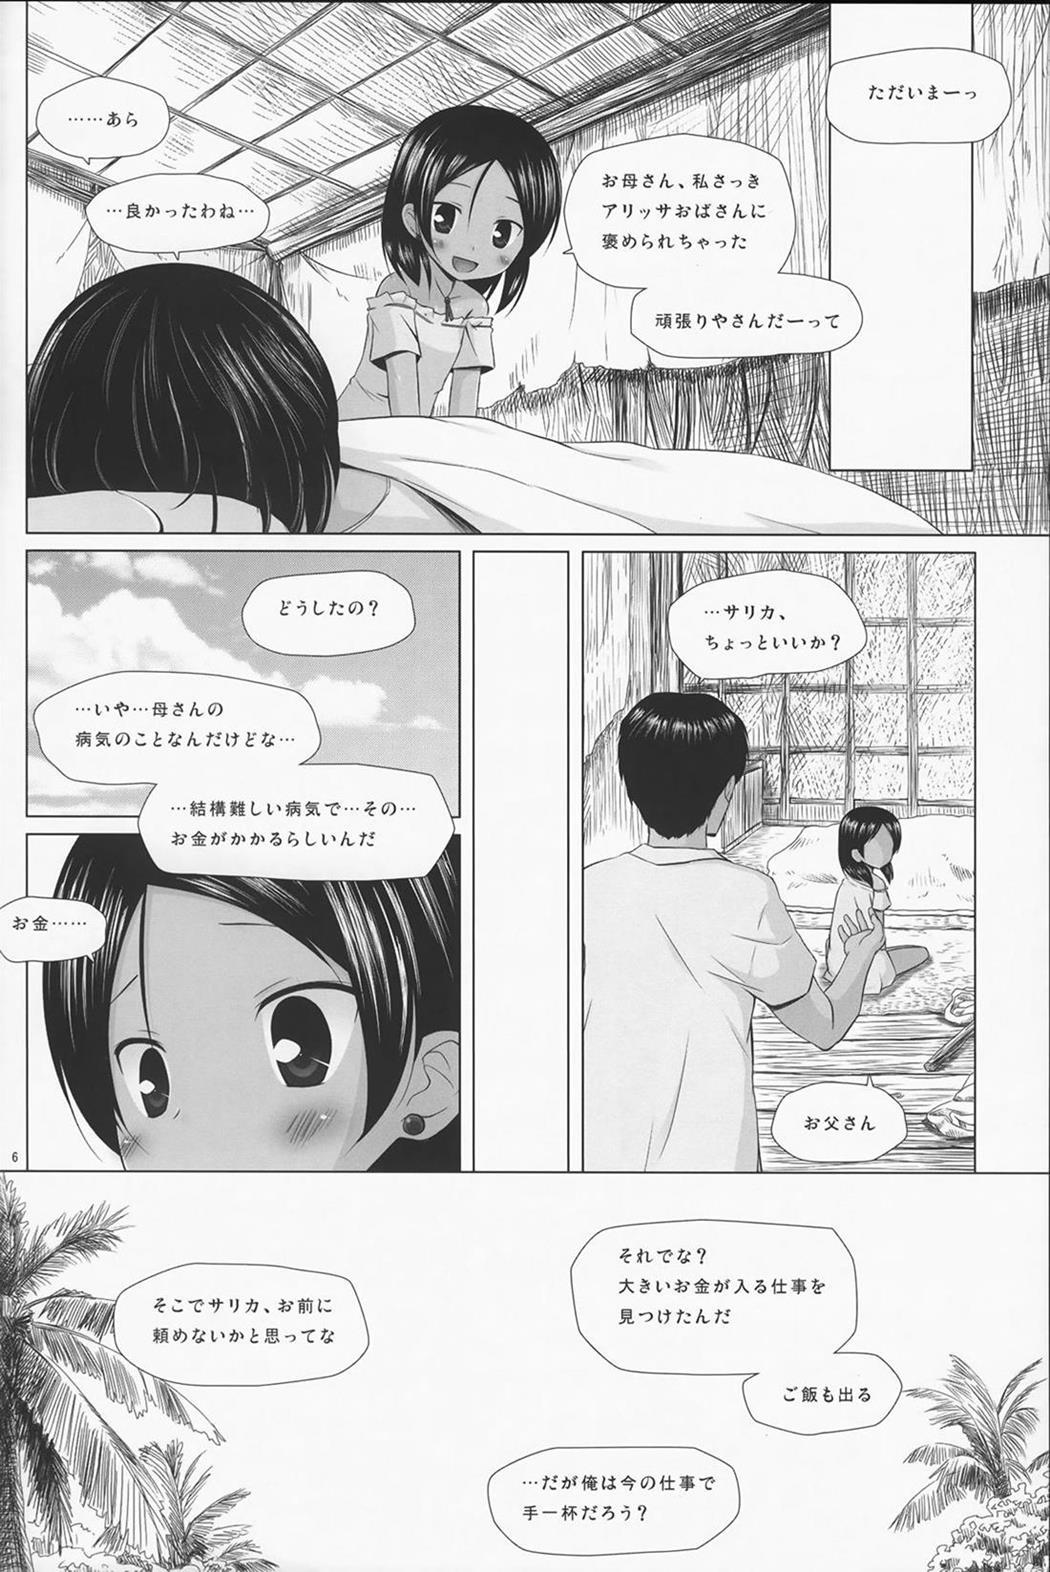 【エロ漫画・エロ同人誌】異国で父親に売られて売春する羽目になったロリ少女wひたすらお客とエッチしてる毎日を送ってたら日本人の男に助けられ日本に来てもセックス依存がぬけてないwww (6)